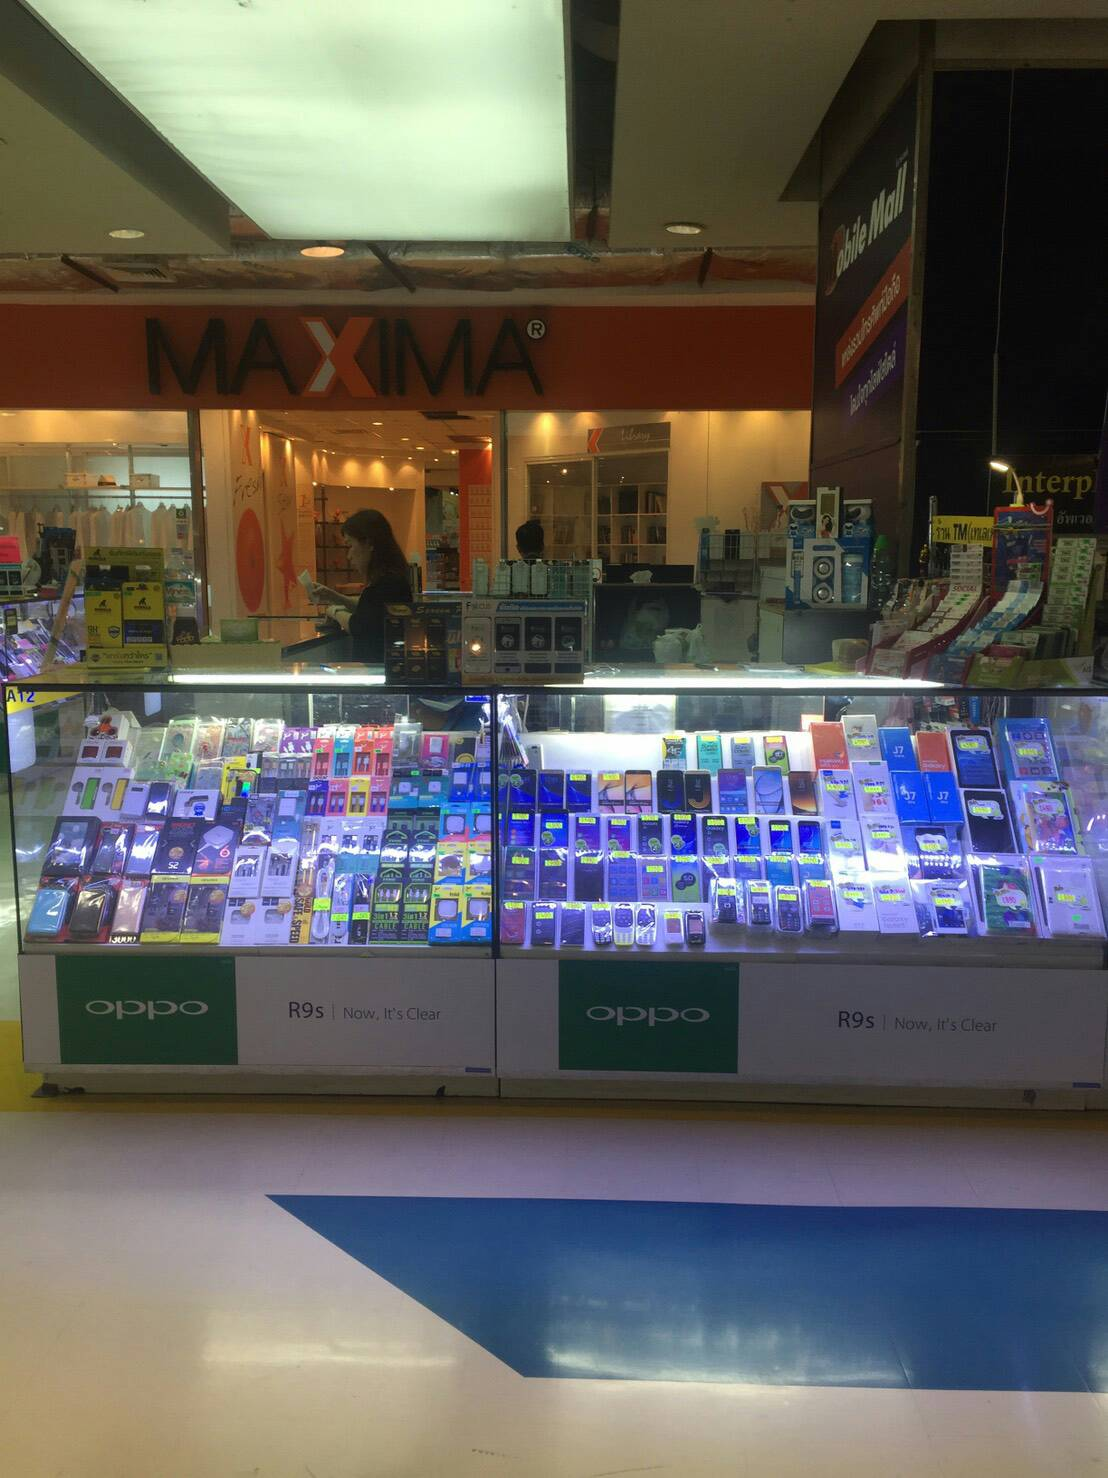 なぜタイでは価格がついていない店が多いのか。その謎に迫る